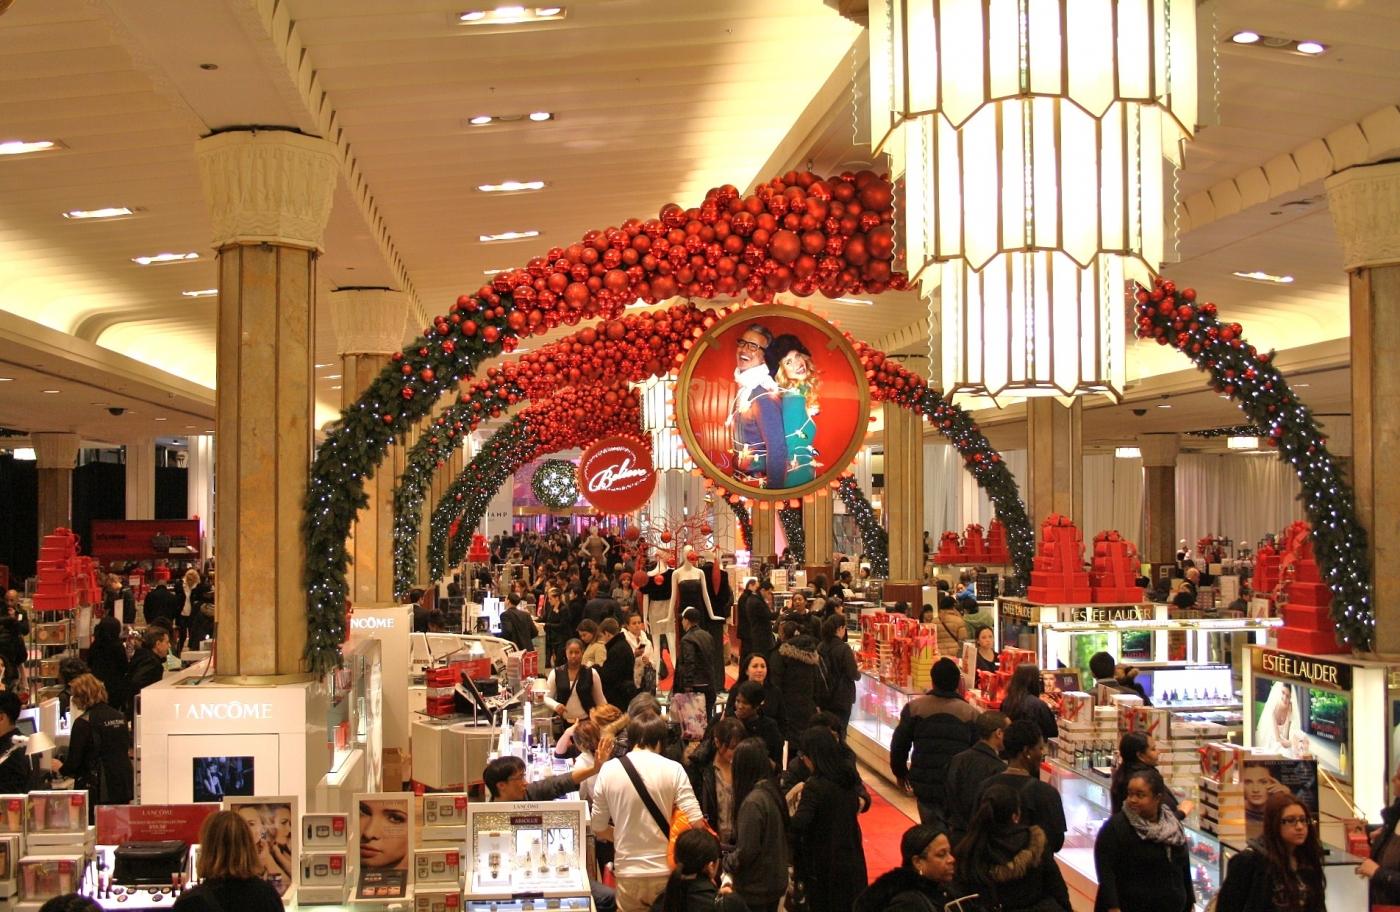 圣诞来临,感受快乐 - 祝大家圣诞快乐,新年快乐_图1-2